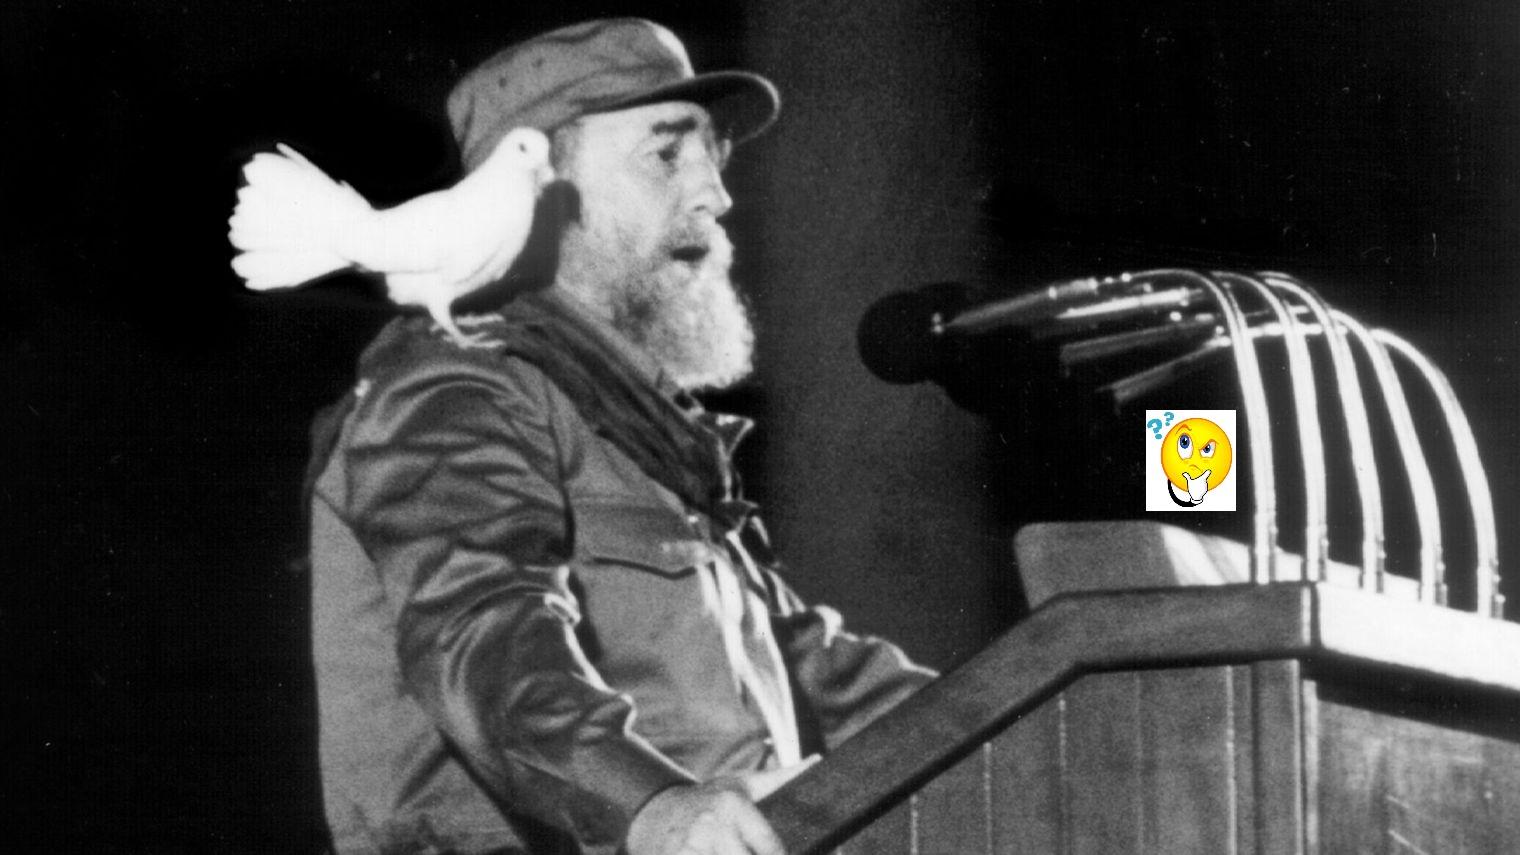 fidel-castro-une-colombe-sur-l-epaule-lors-d-un-discours-fait-a-la-jeunesse-le-8-janvier-1989-a-la-havane_5753069